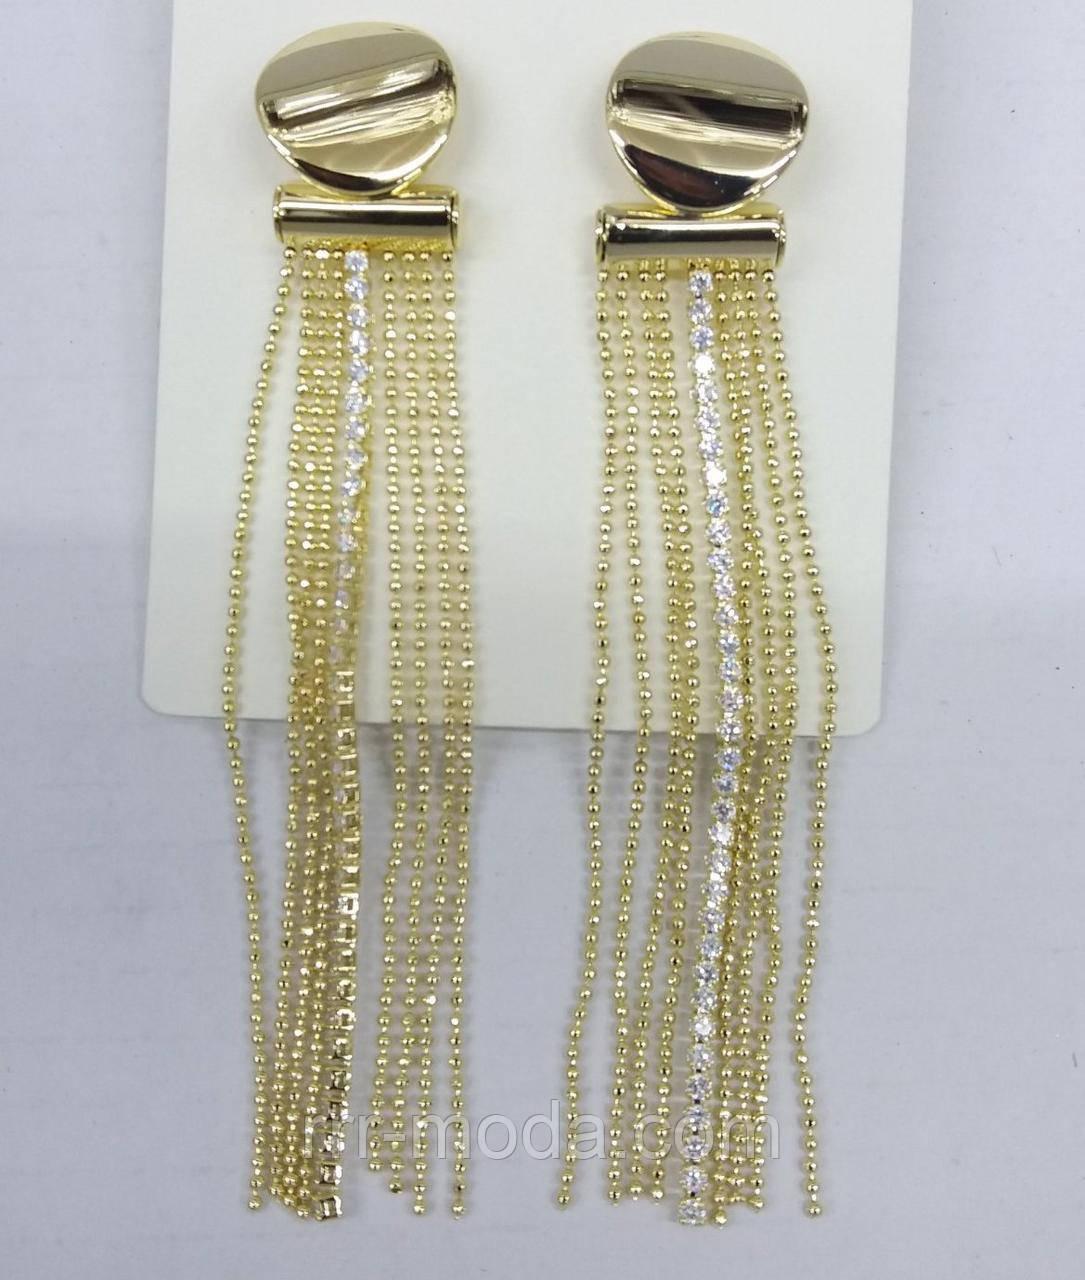 2353 Элитные серьги банты со стразами (гвоздики) оптом. Ювелирные украшения.